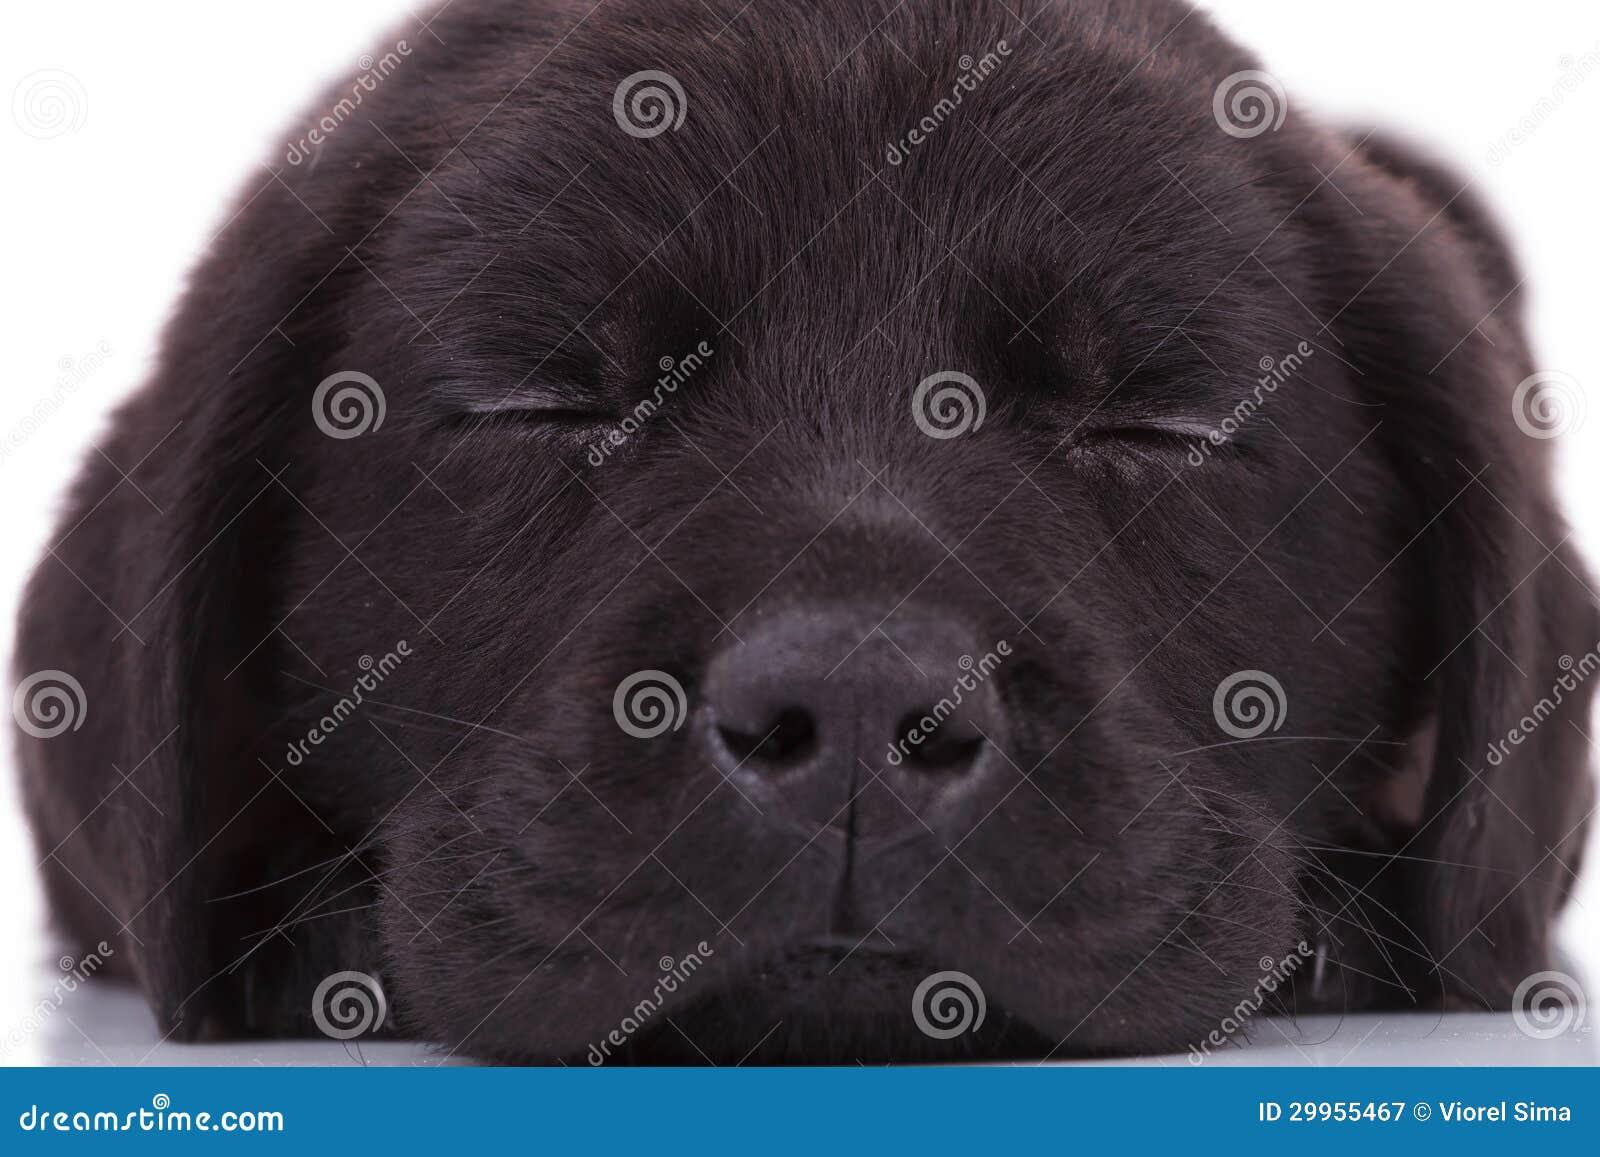 Labrador retriever puppy dog sleeping